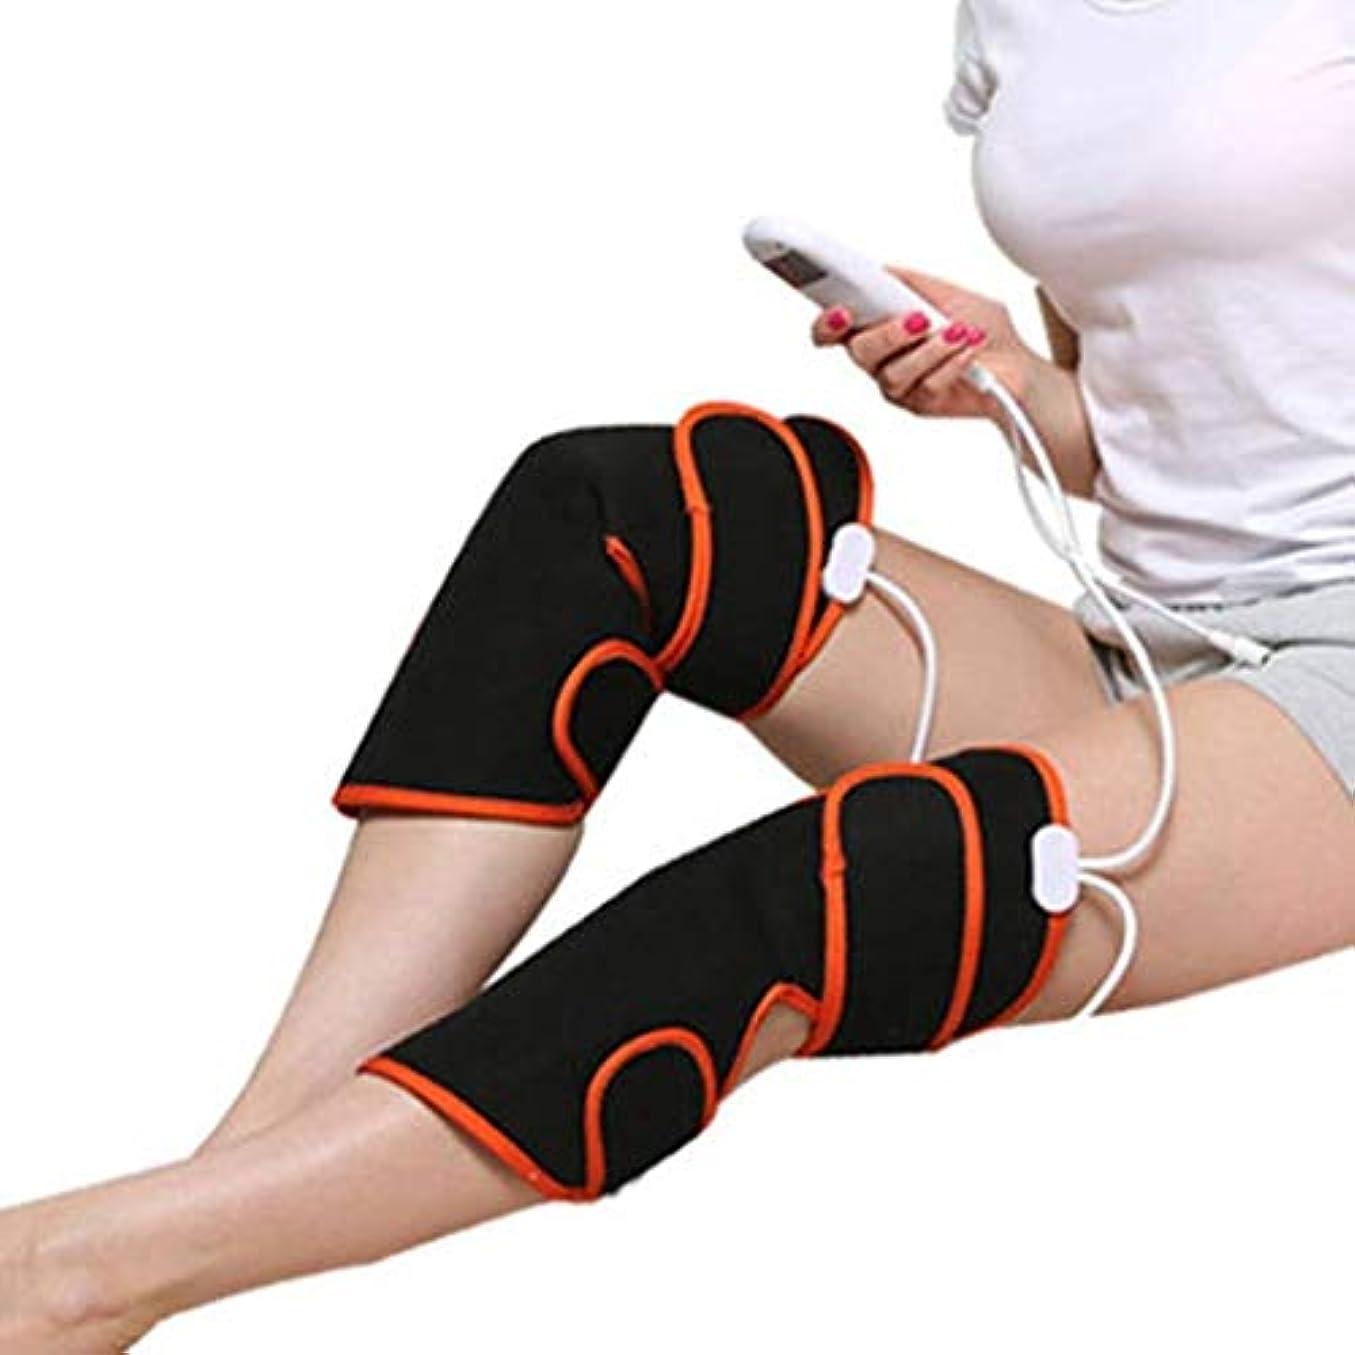 好ましいゴージャス差し引く暖房付き膝マッサージャー、電動バイブレーションマッサージャー、膝マッサージャーを定期的に加熱できます、筋肉の痛みを緩和するモード、9モード、冷たい脚、骨過形成患者、術後リハビリ